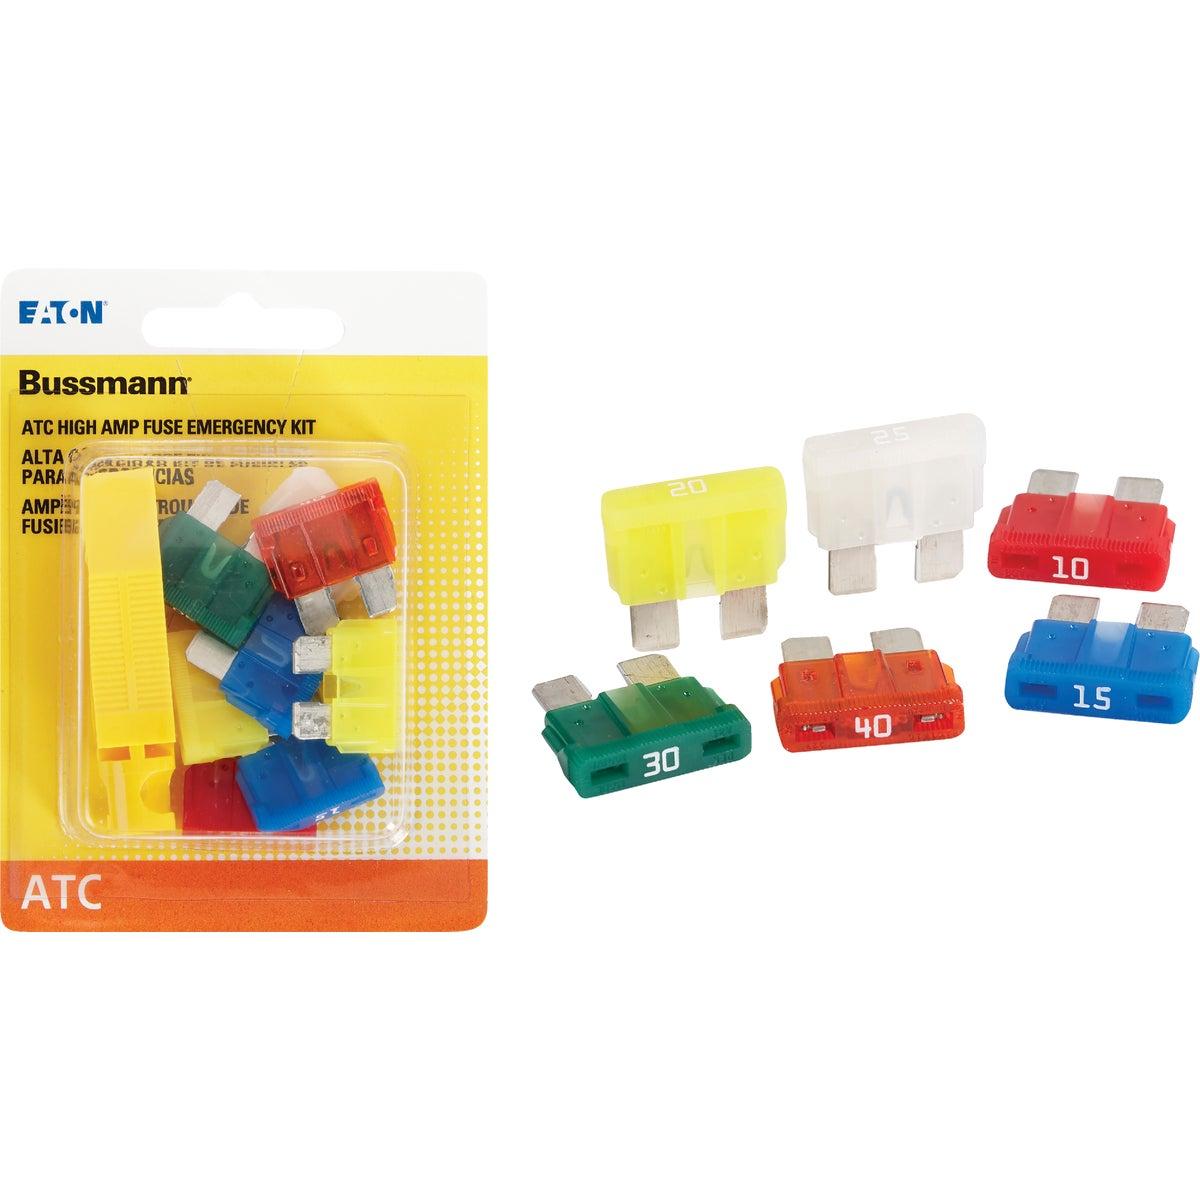 8PK FUSE/PULLER ASSORTMT - BP/ATC-AH8-RPP by Bussmann Cooper